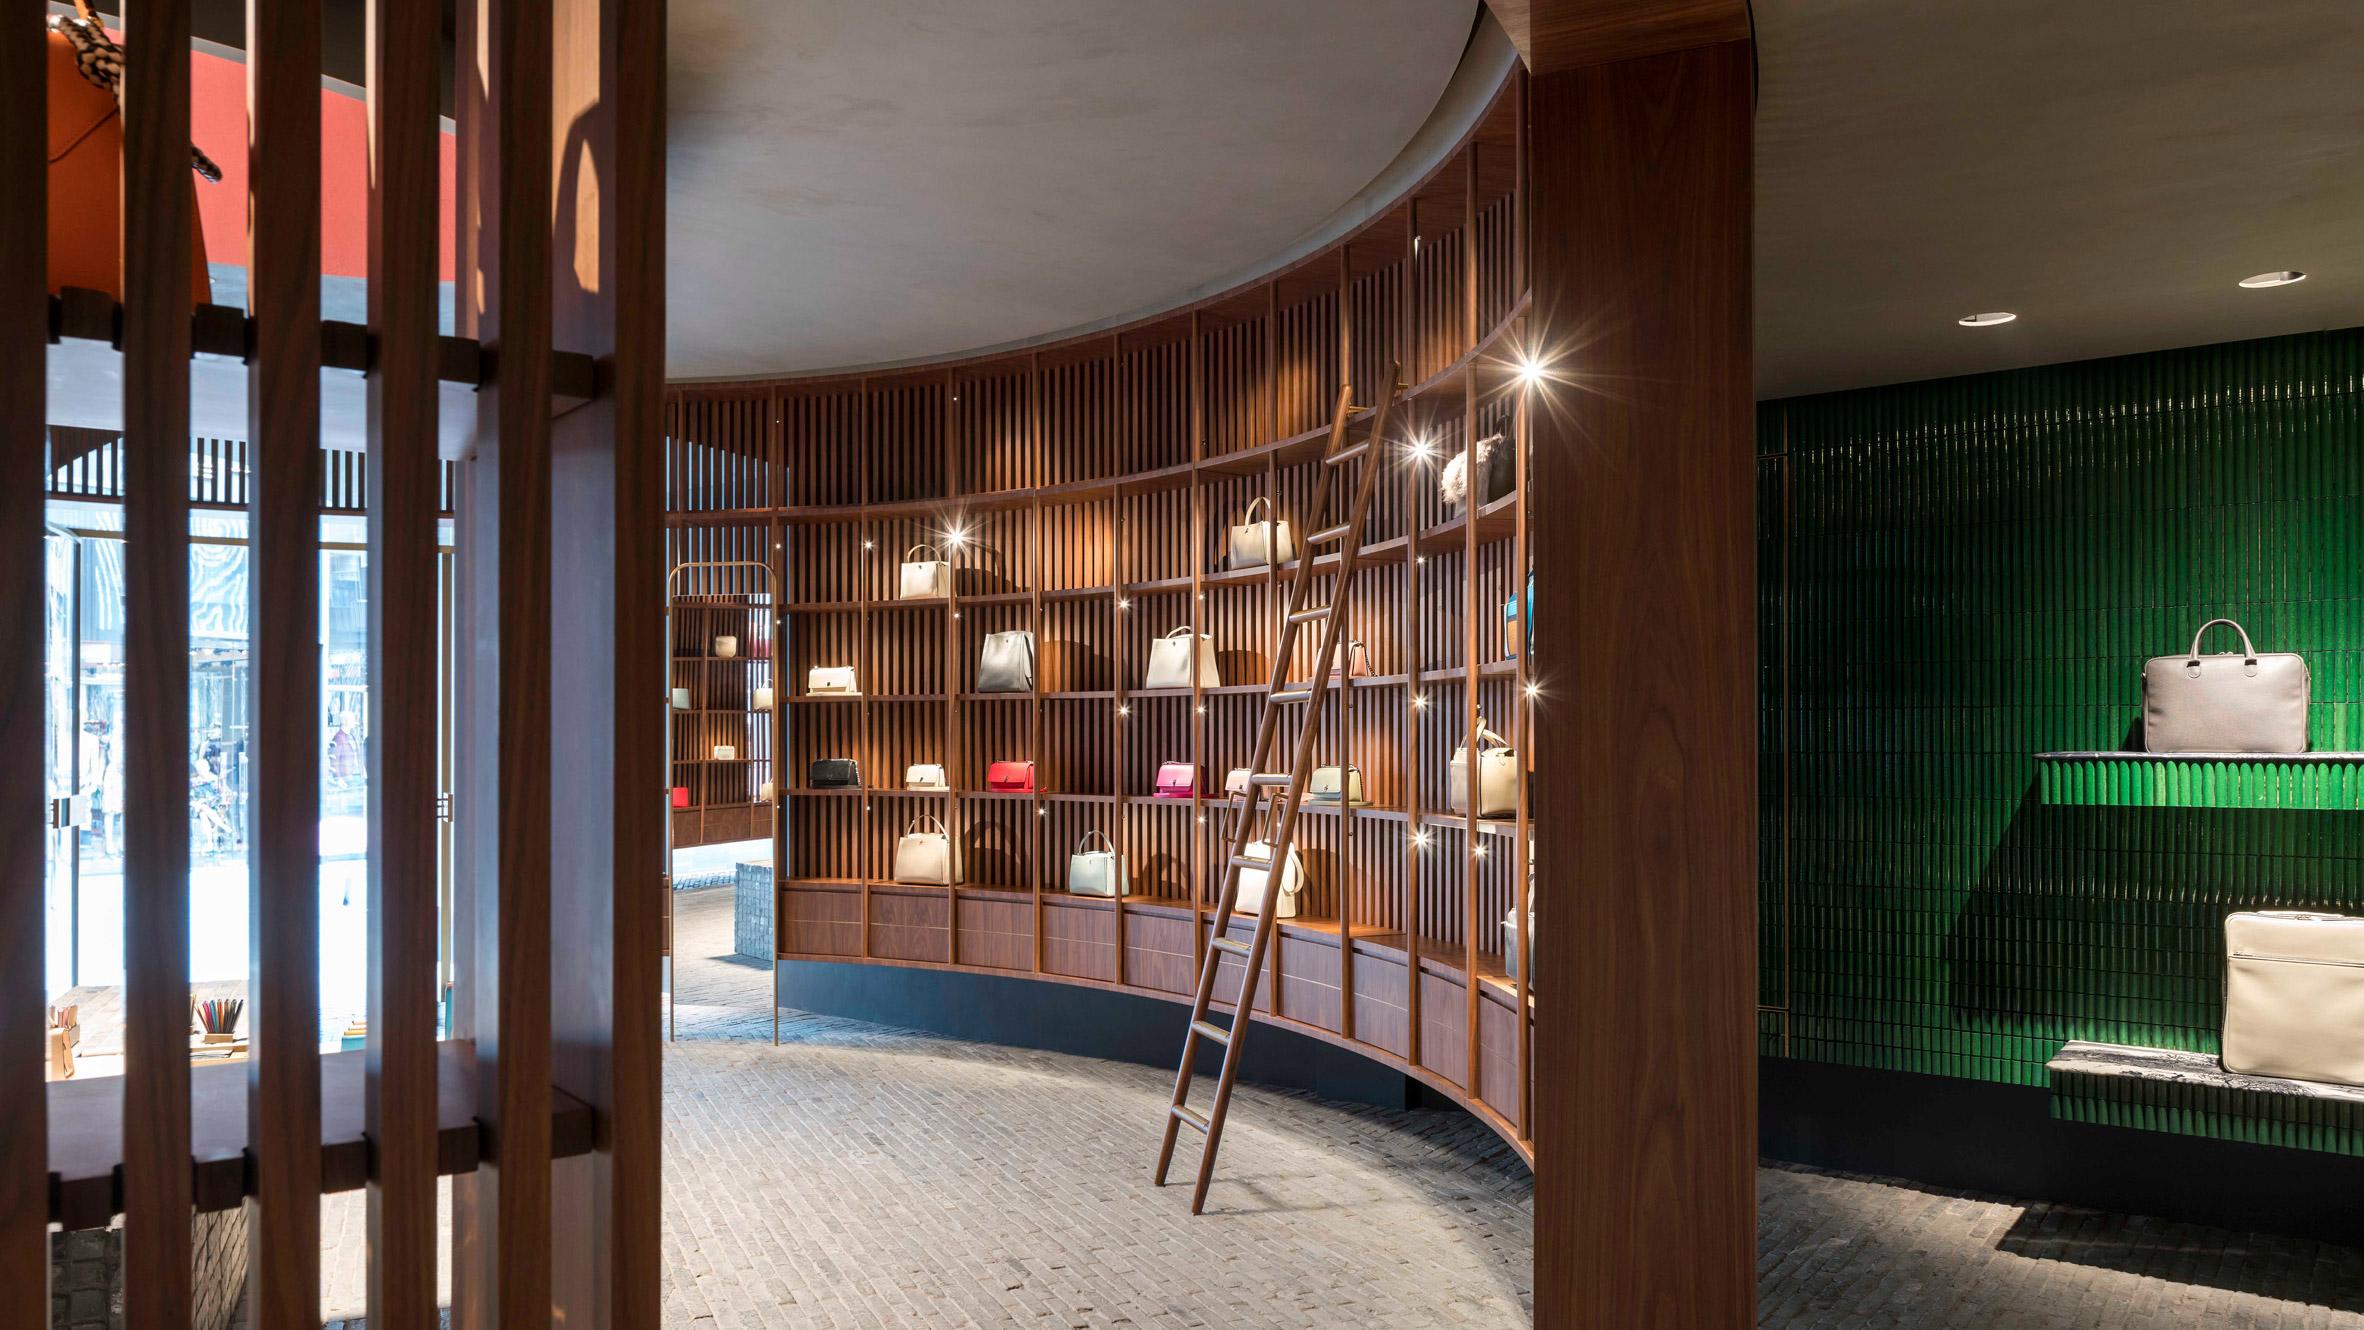 Dezeen's top shop interiors of 2018: Valextra by Neri&Hu